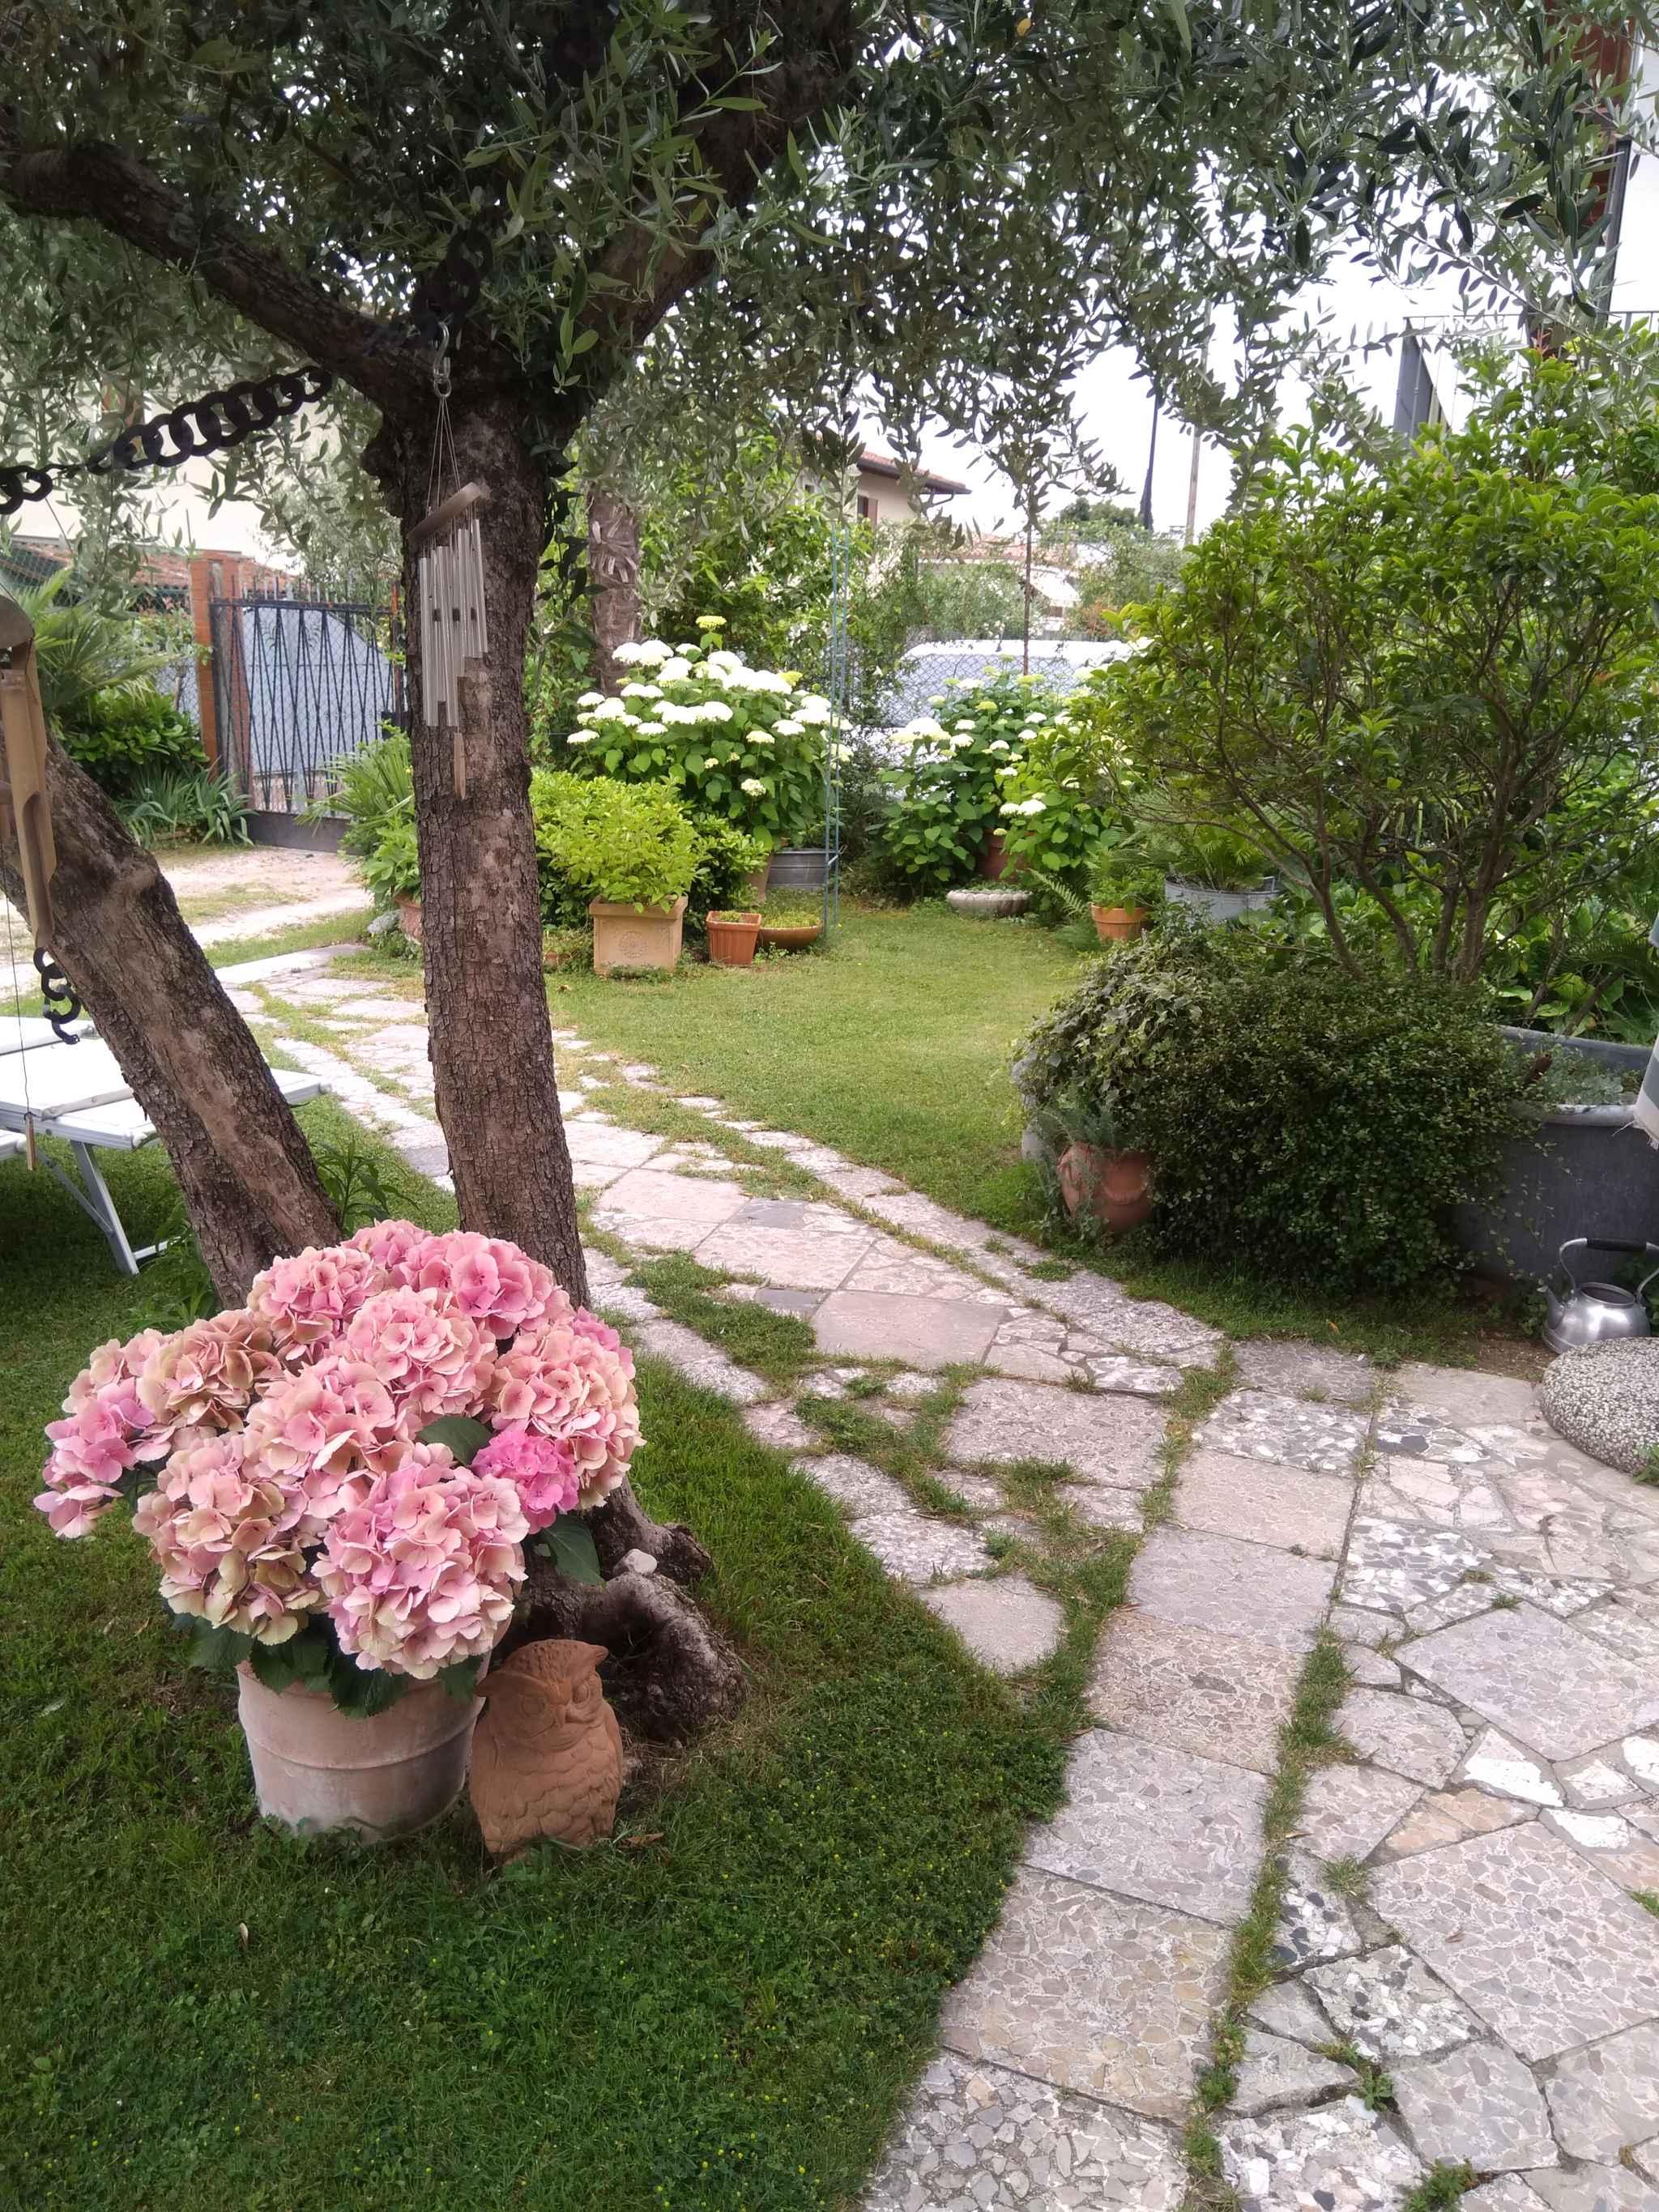 Ferienwohnung 400 m vom See mit Garten und Grill (1670470), Padenghe sul Garda, Gardasee, Lombardei, Italien, Bild 15